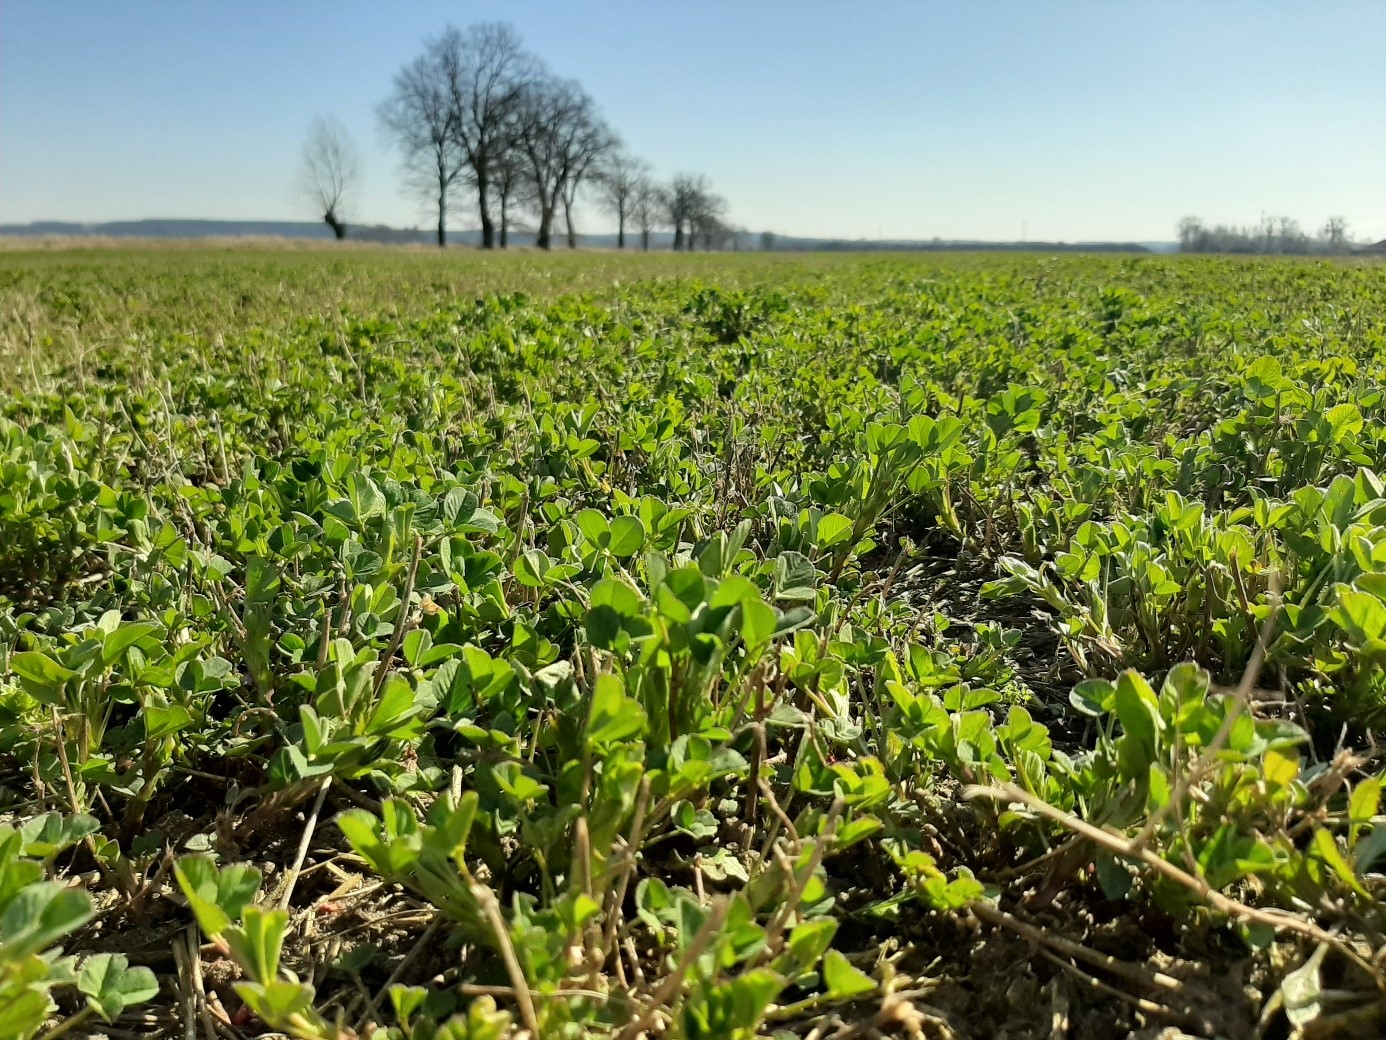 Odpowiednio prowadzony lucernik wiosną szybko zaczyna produkować cenną masę zieloną – 25.03.2020